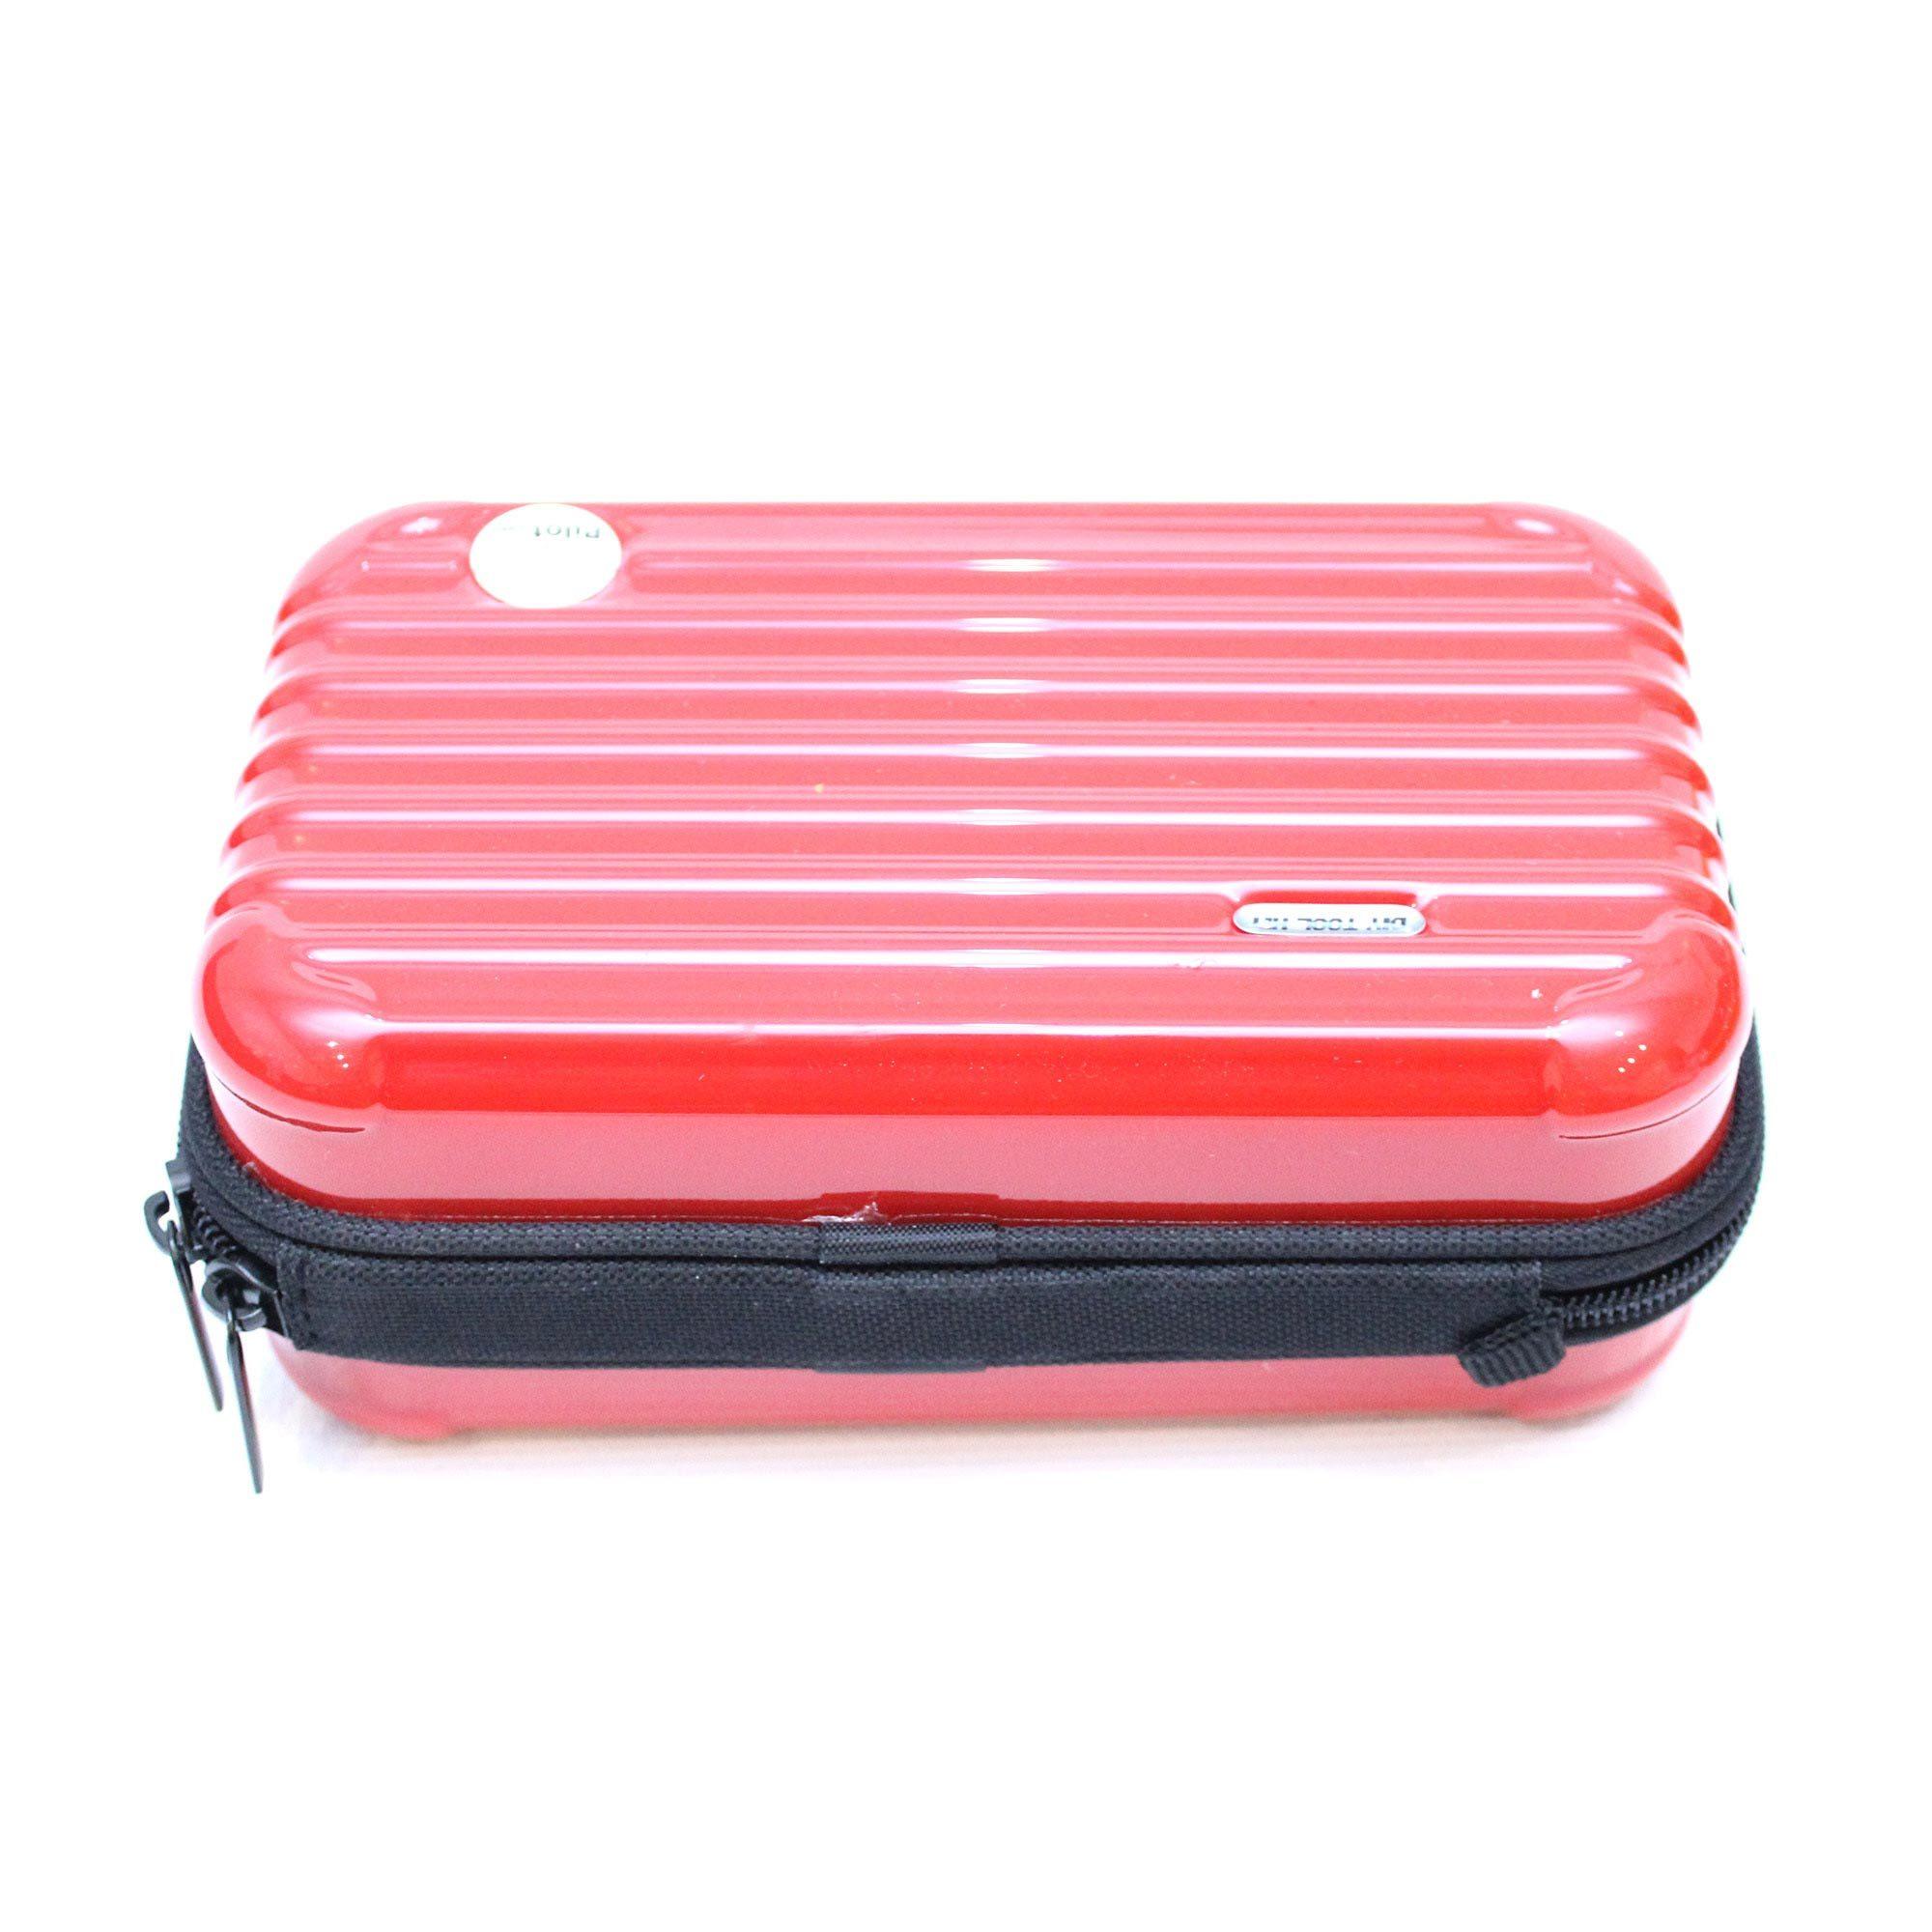 Большой набор инструментов Сoil Master DIY KIT 3 (Clone) красный кейс